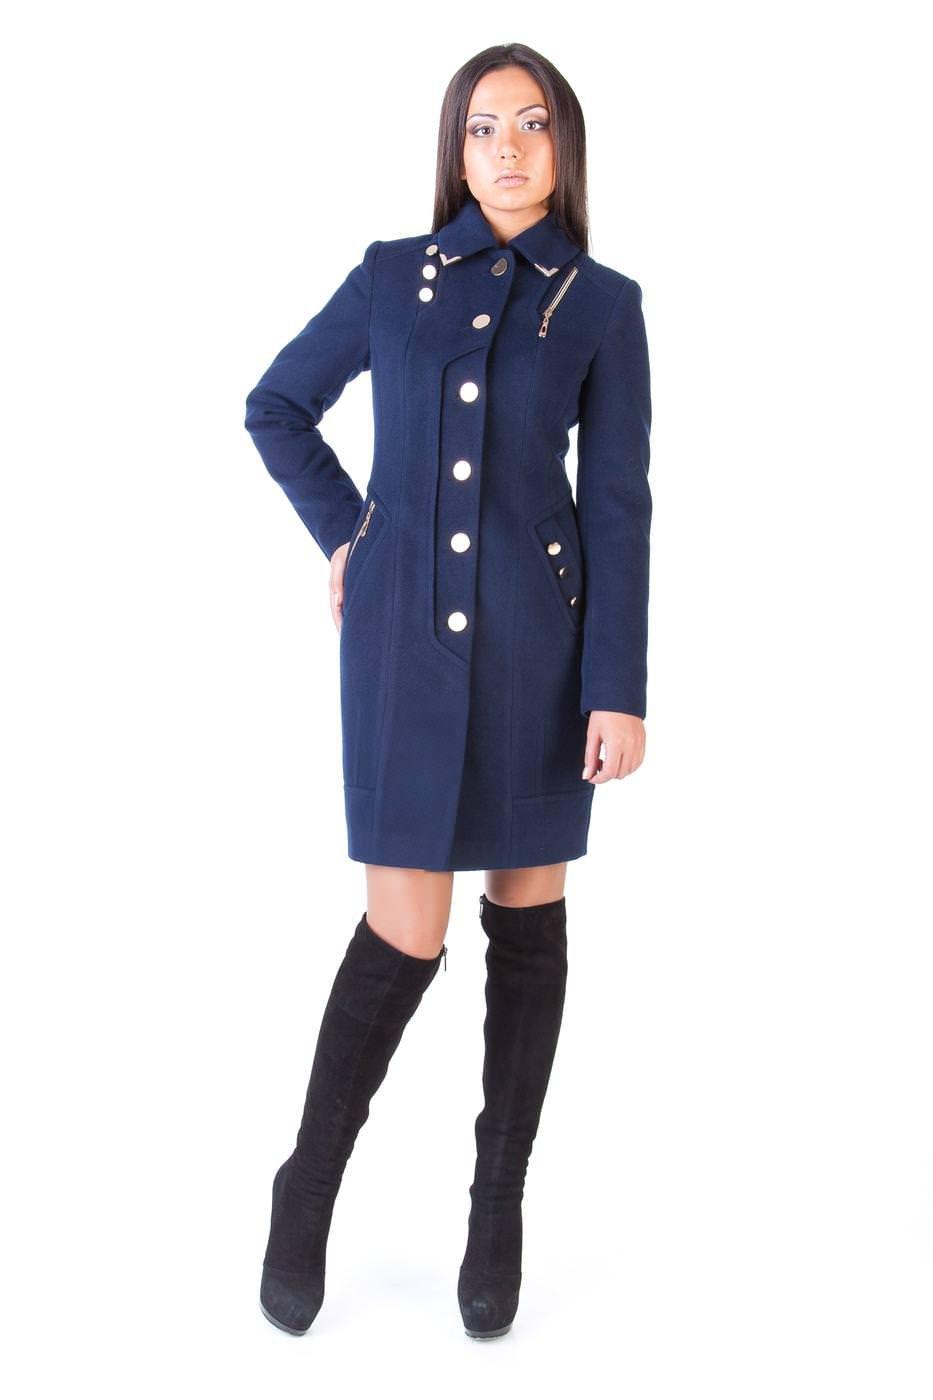 Модус женская одежда от производителя Пальто без меха Айсберг комфорт